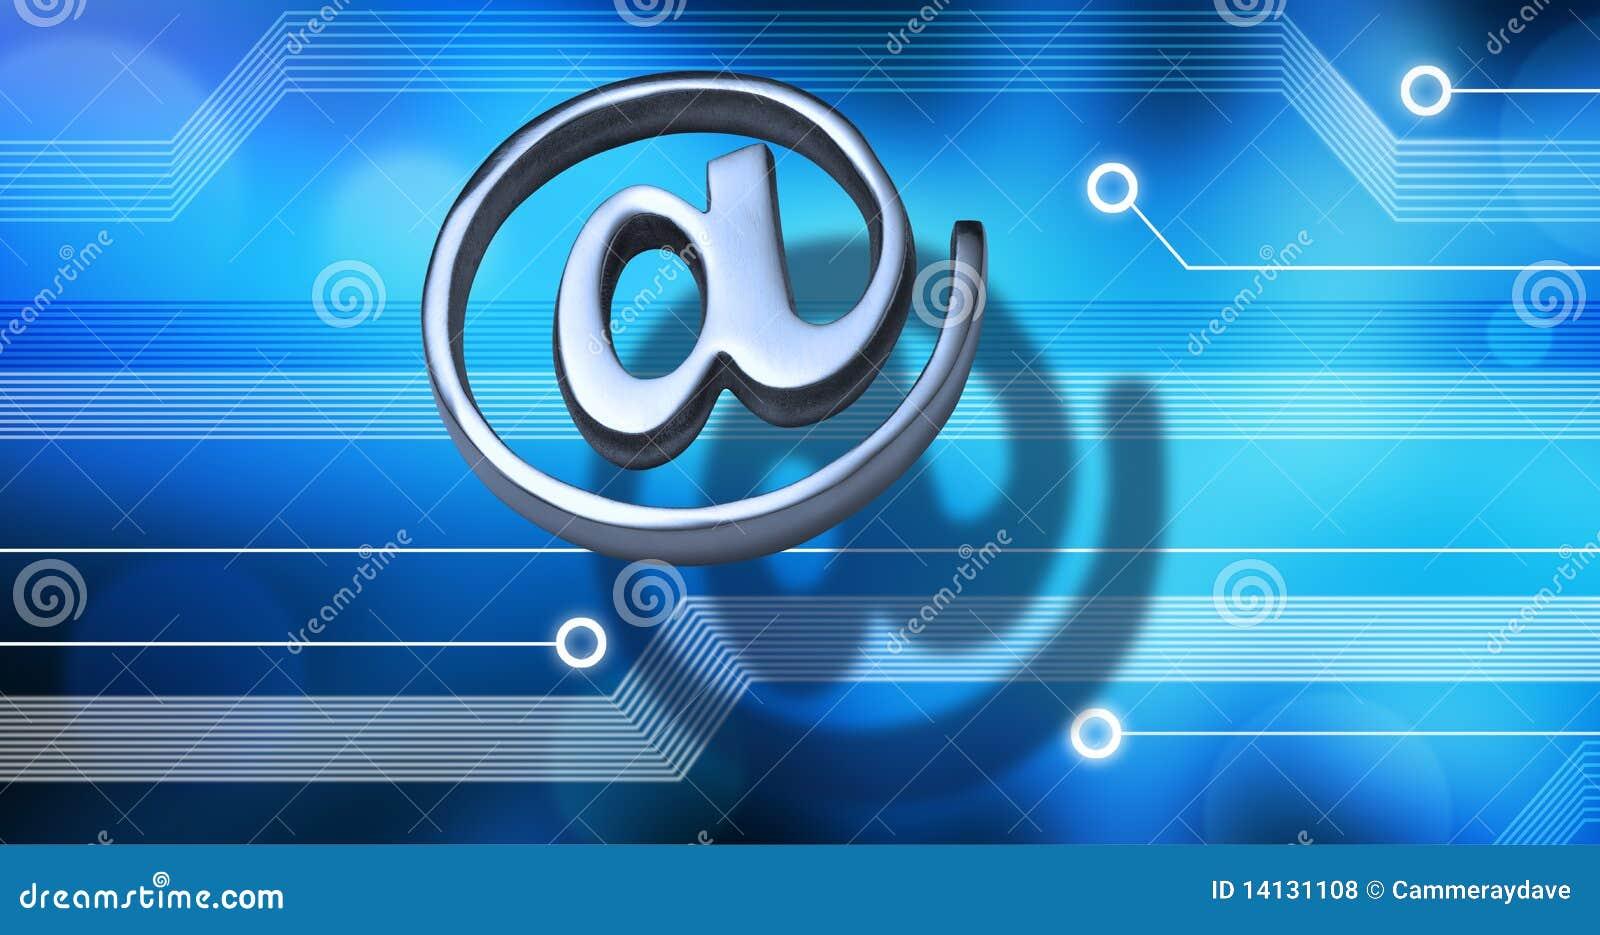 Internet Technologie Hintergrund Stockfoto